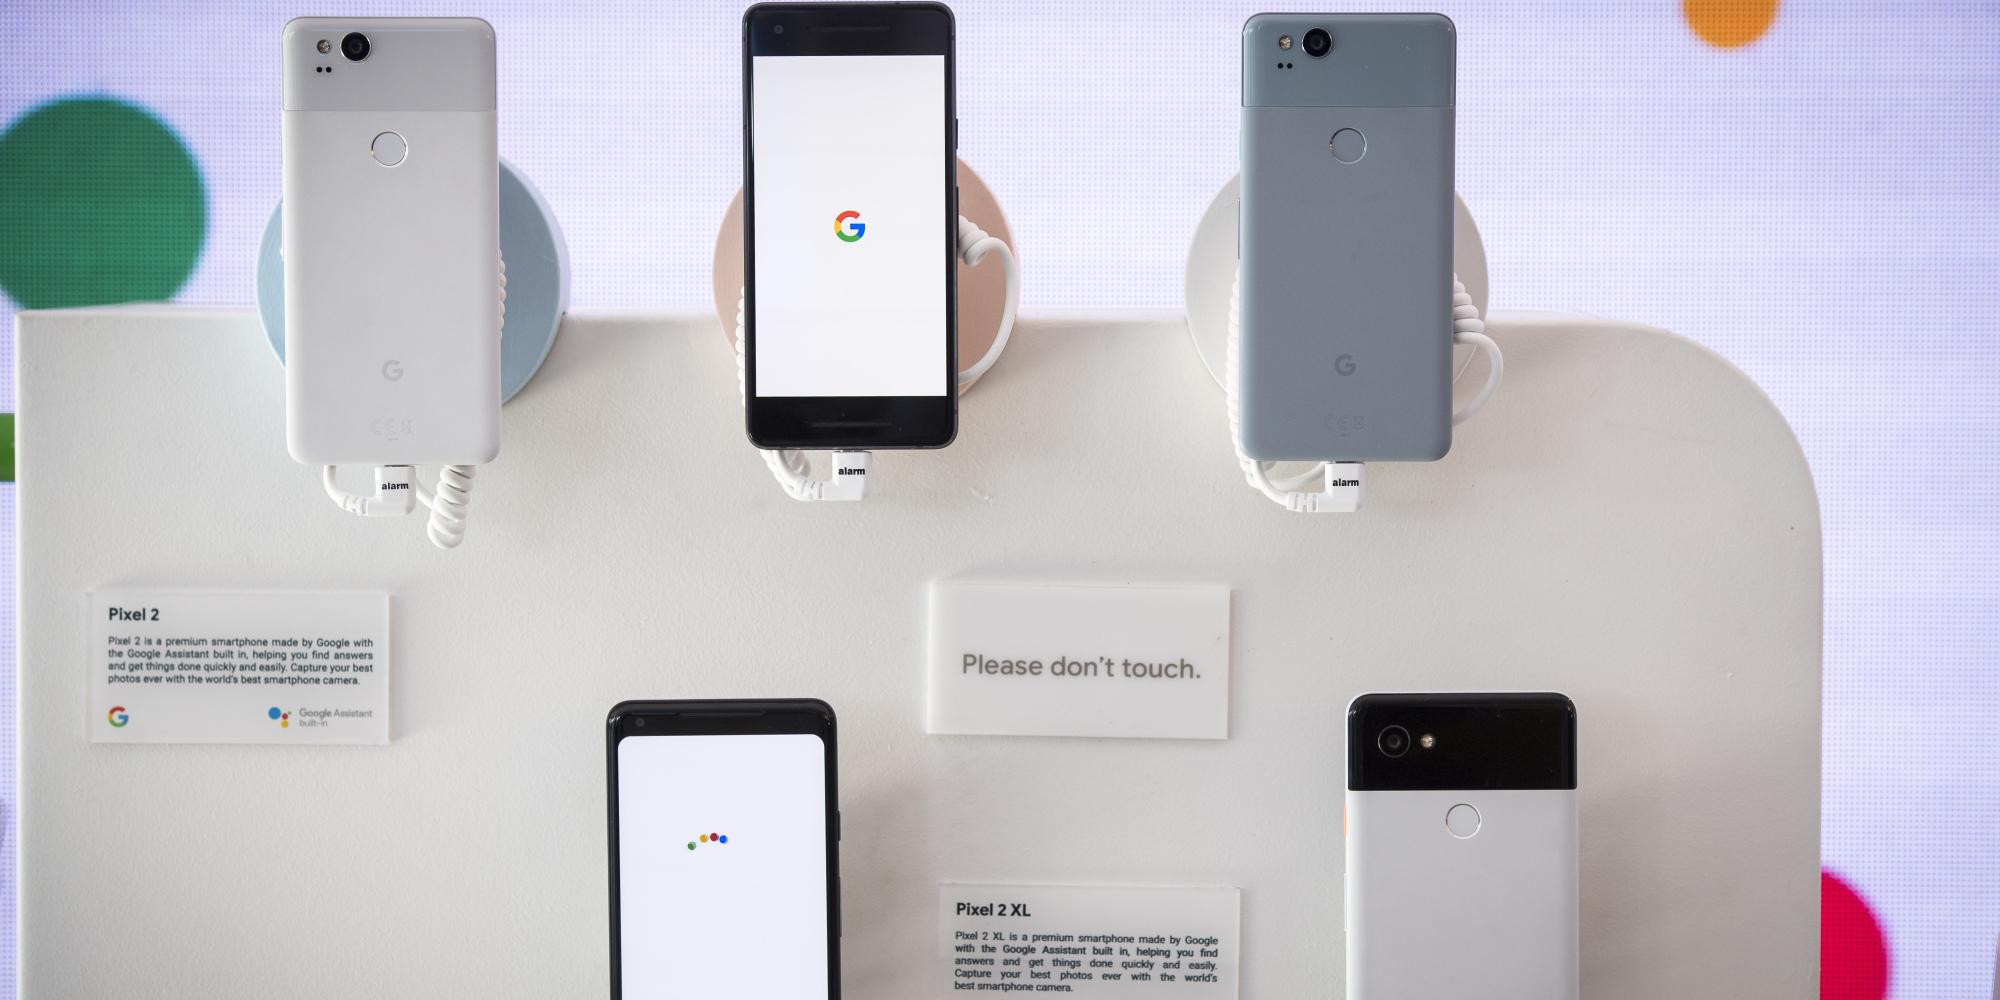 112 ألف دولار.. أكبر جائزة تمنحها جوجل لباحث صيني تمكّن من اختراق هاتفها بيكسل في 60 ثانية